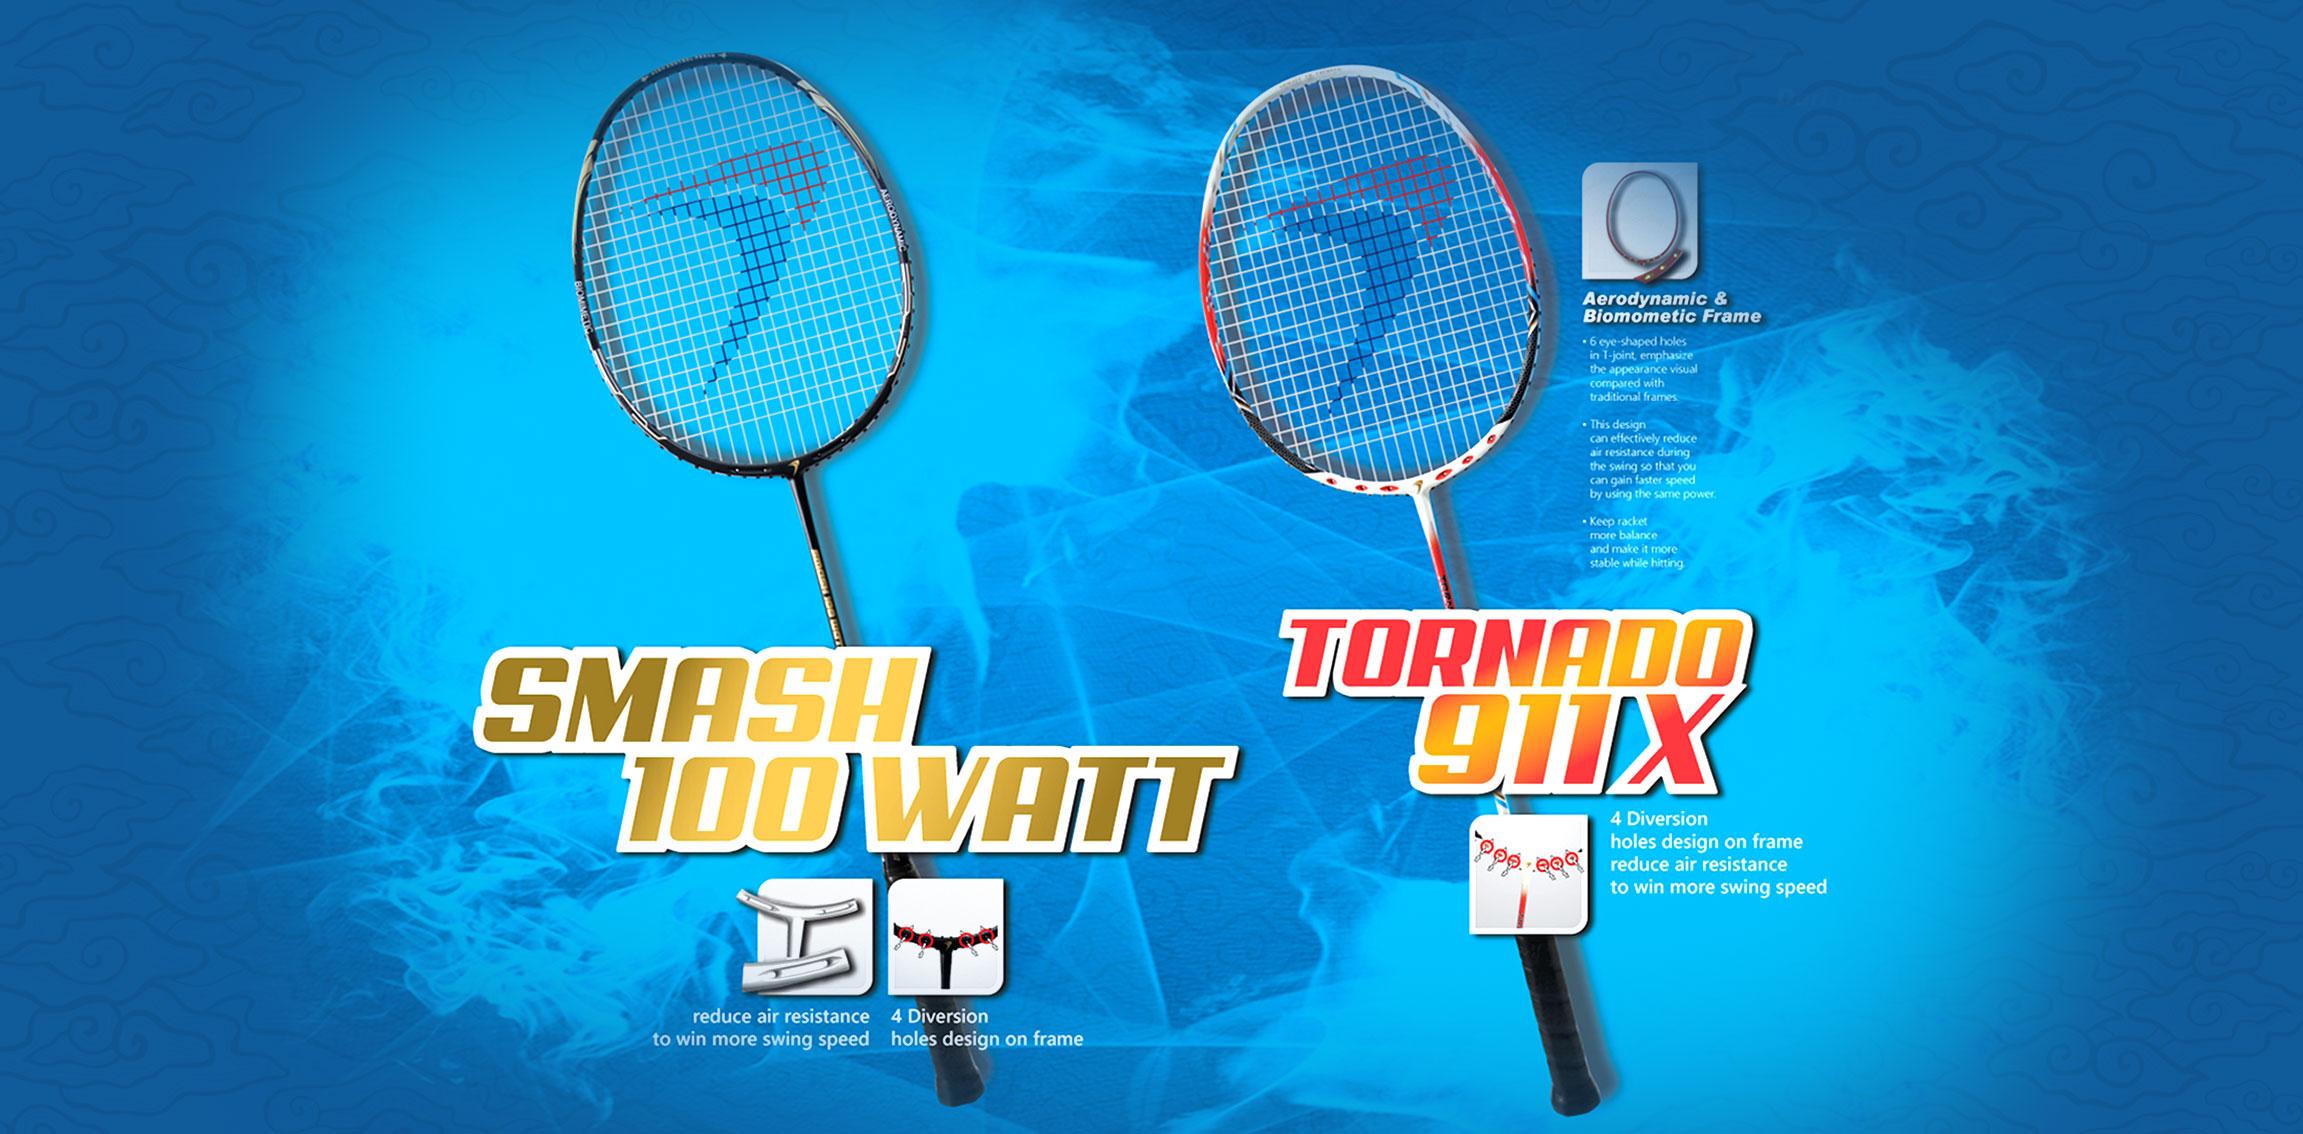 smash100watt_tornado911X